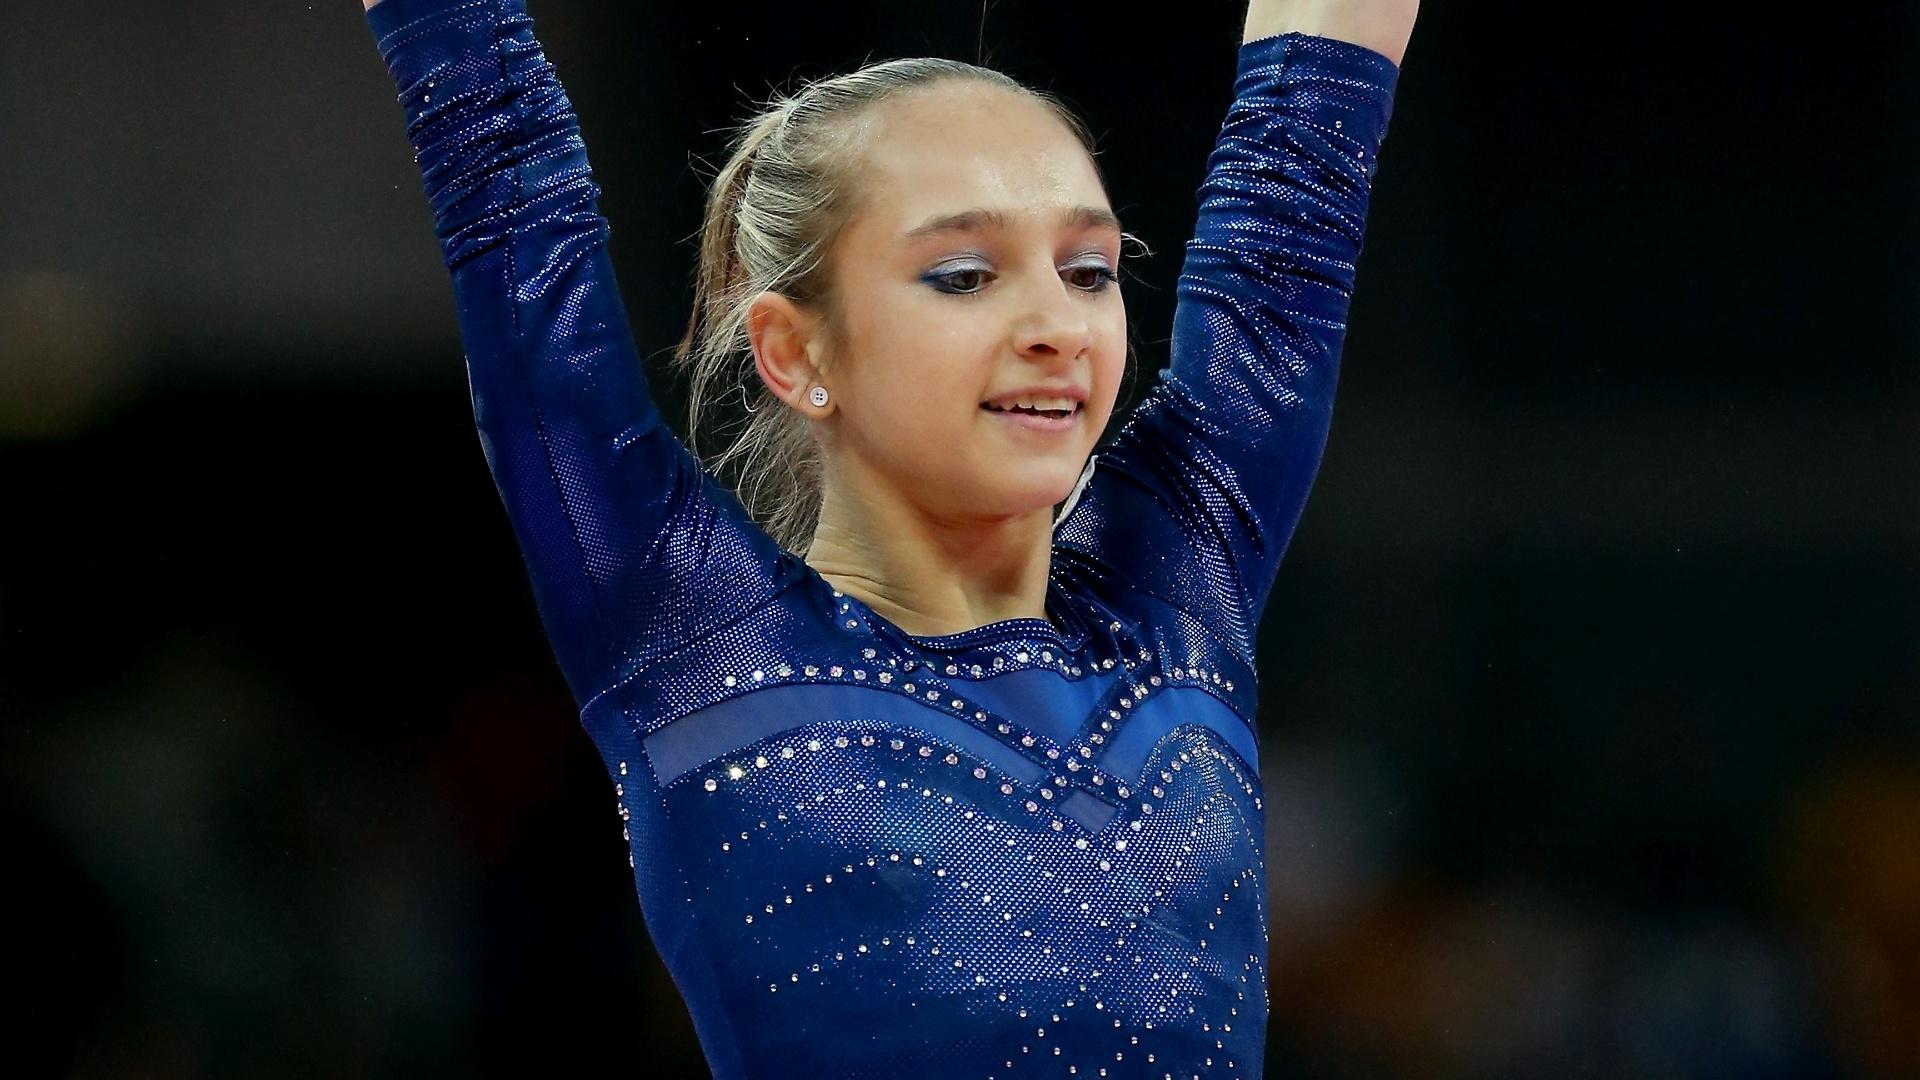 Após usarem vermelho e branco nas eliminatórias, as russas Victoria Komova (f) e Aliya Mustafina optaram por um modelo azul escuro com brilhos na final individual geral, clássico como o das americanas